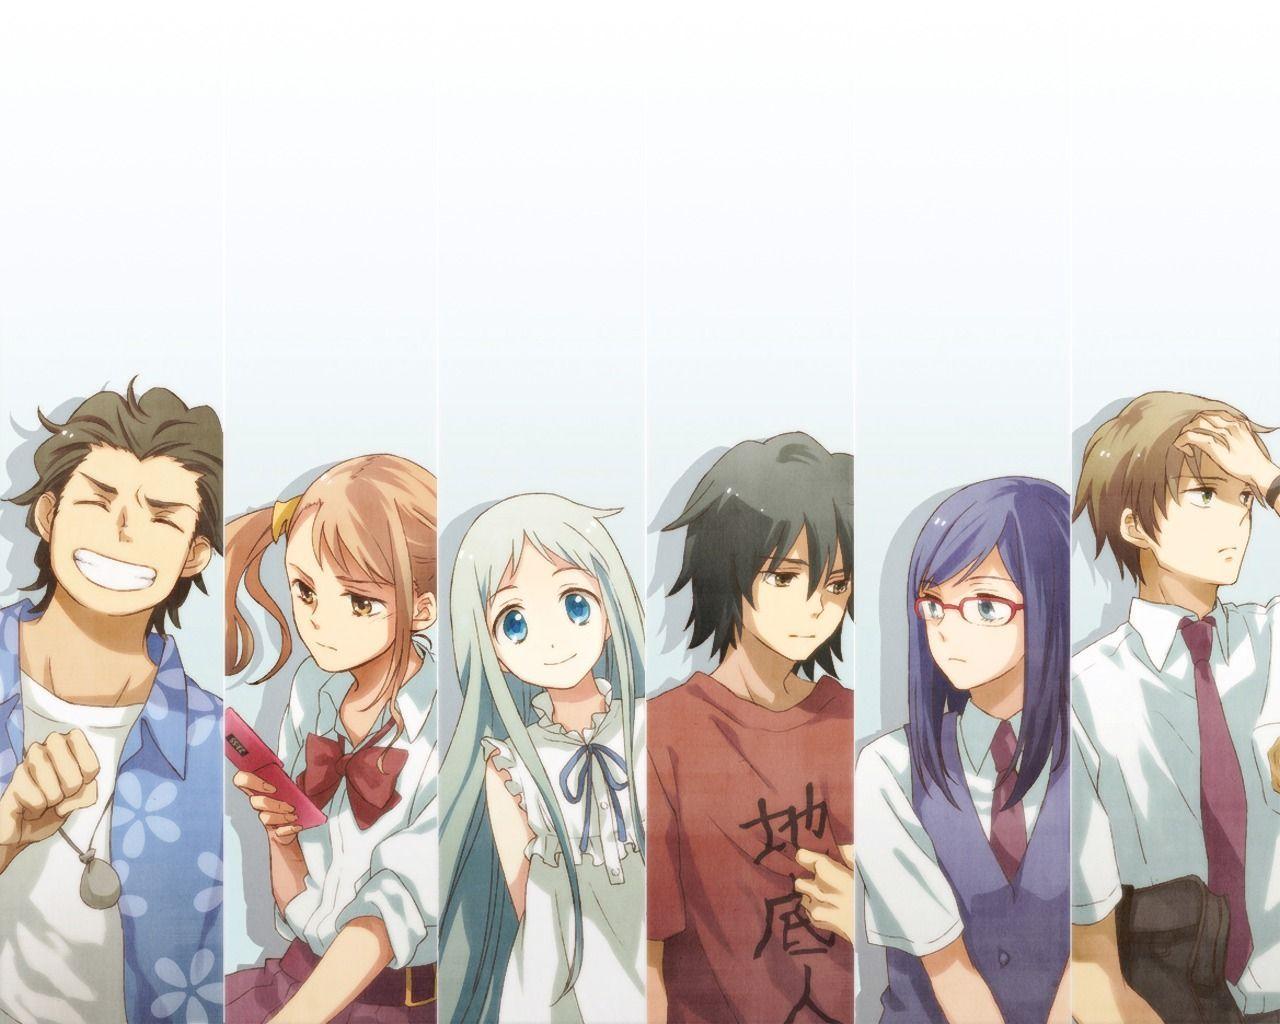 Wallpaper Anohana Fondo de pantalla de anime, Anime